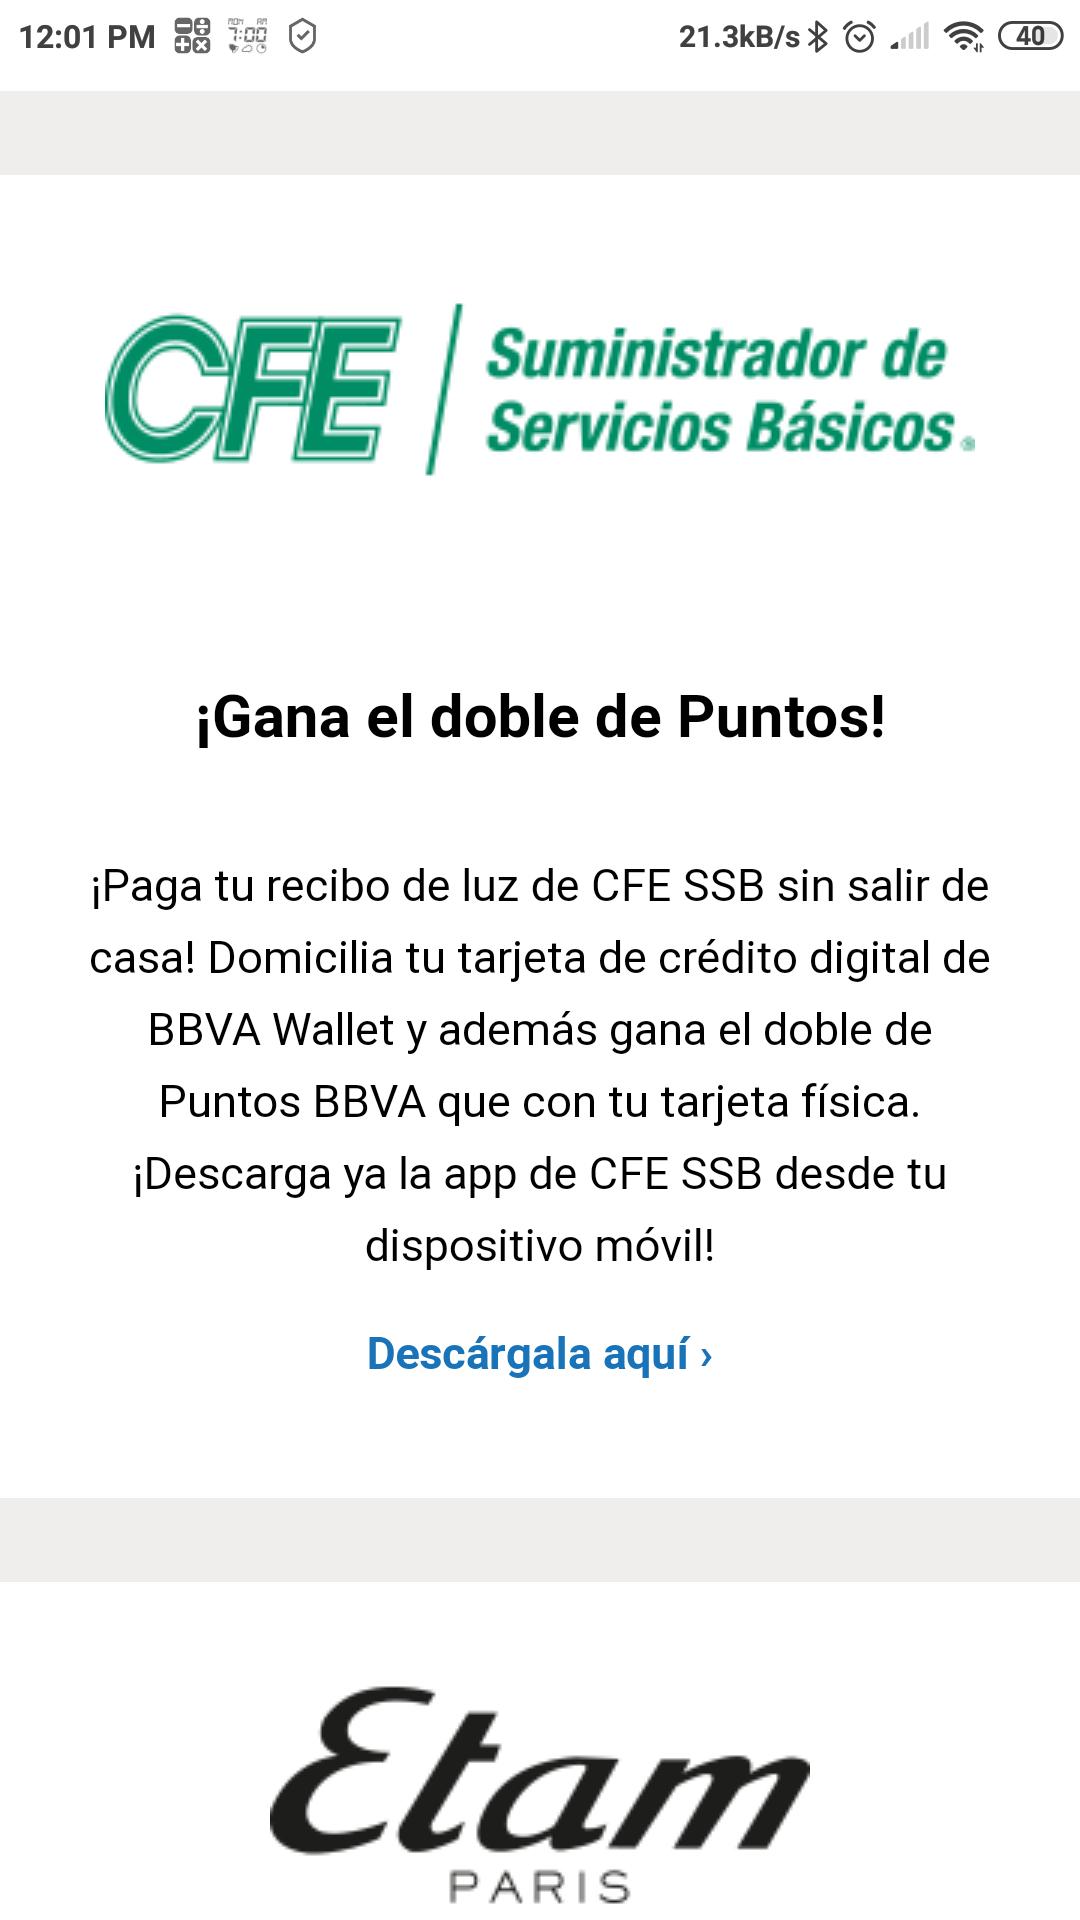 Dobles puntos Bancomer BBVA al pagar CFE